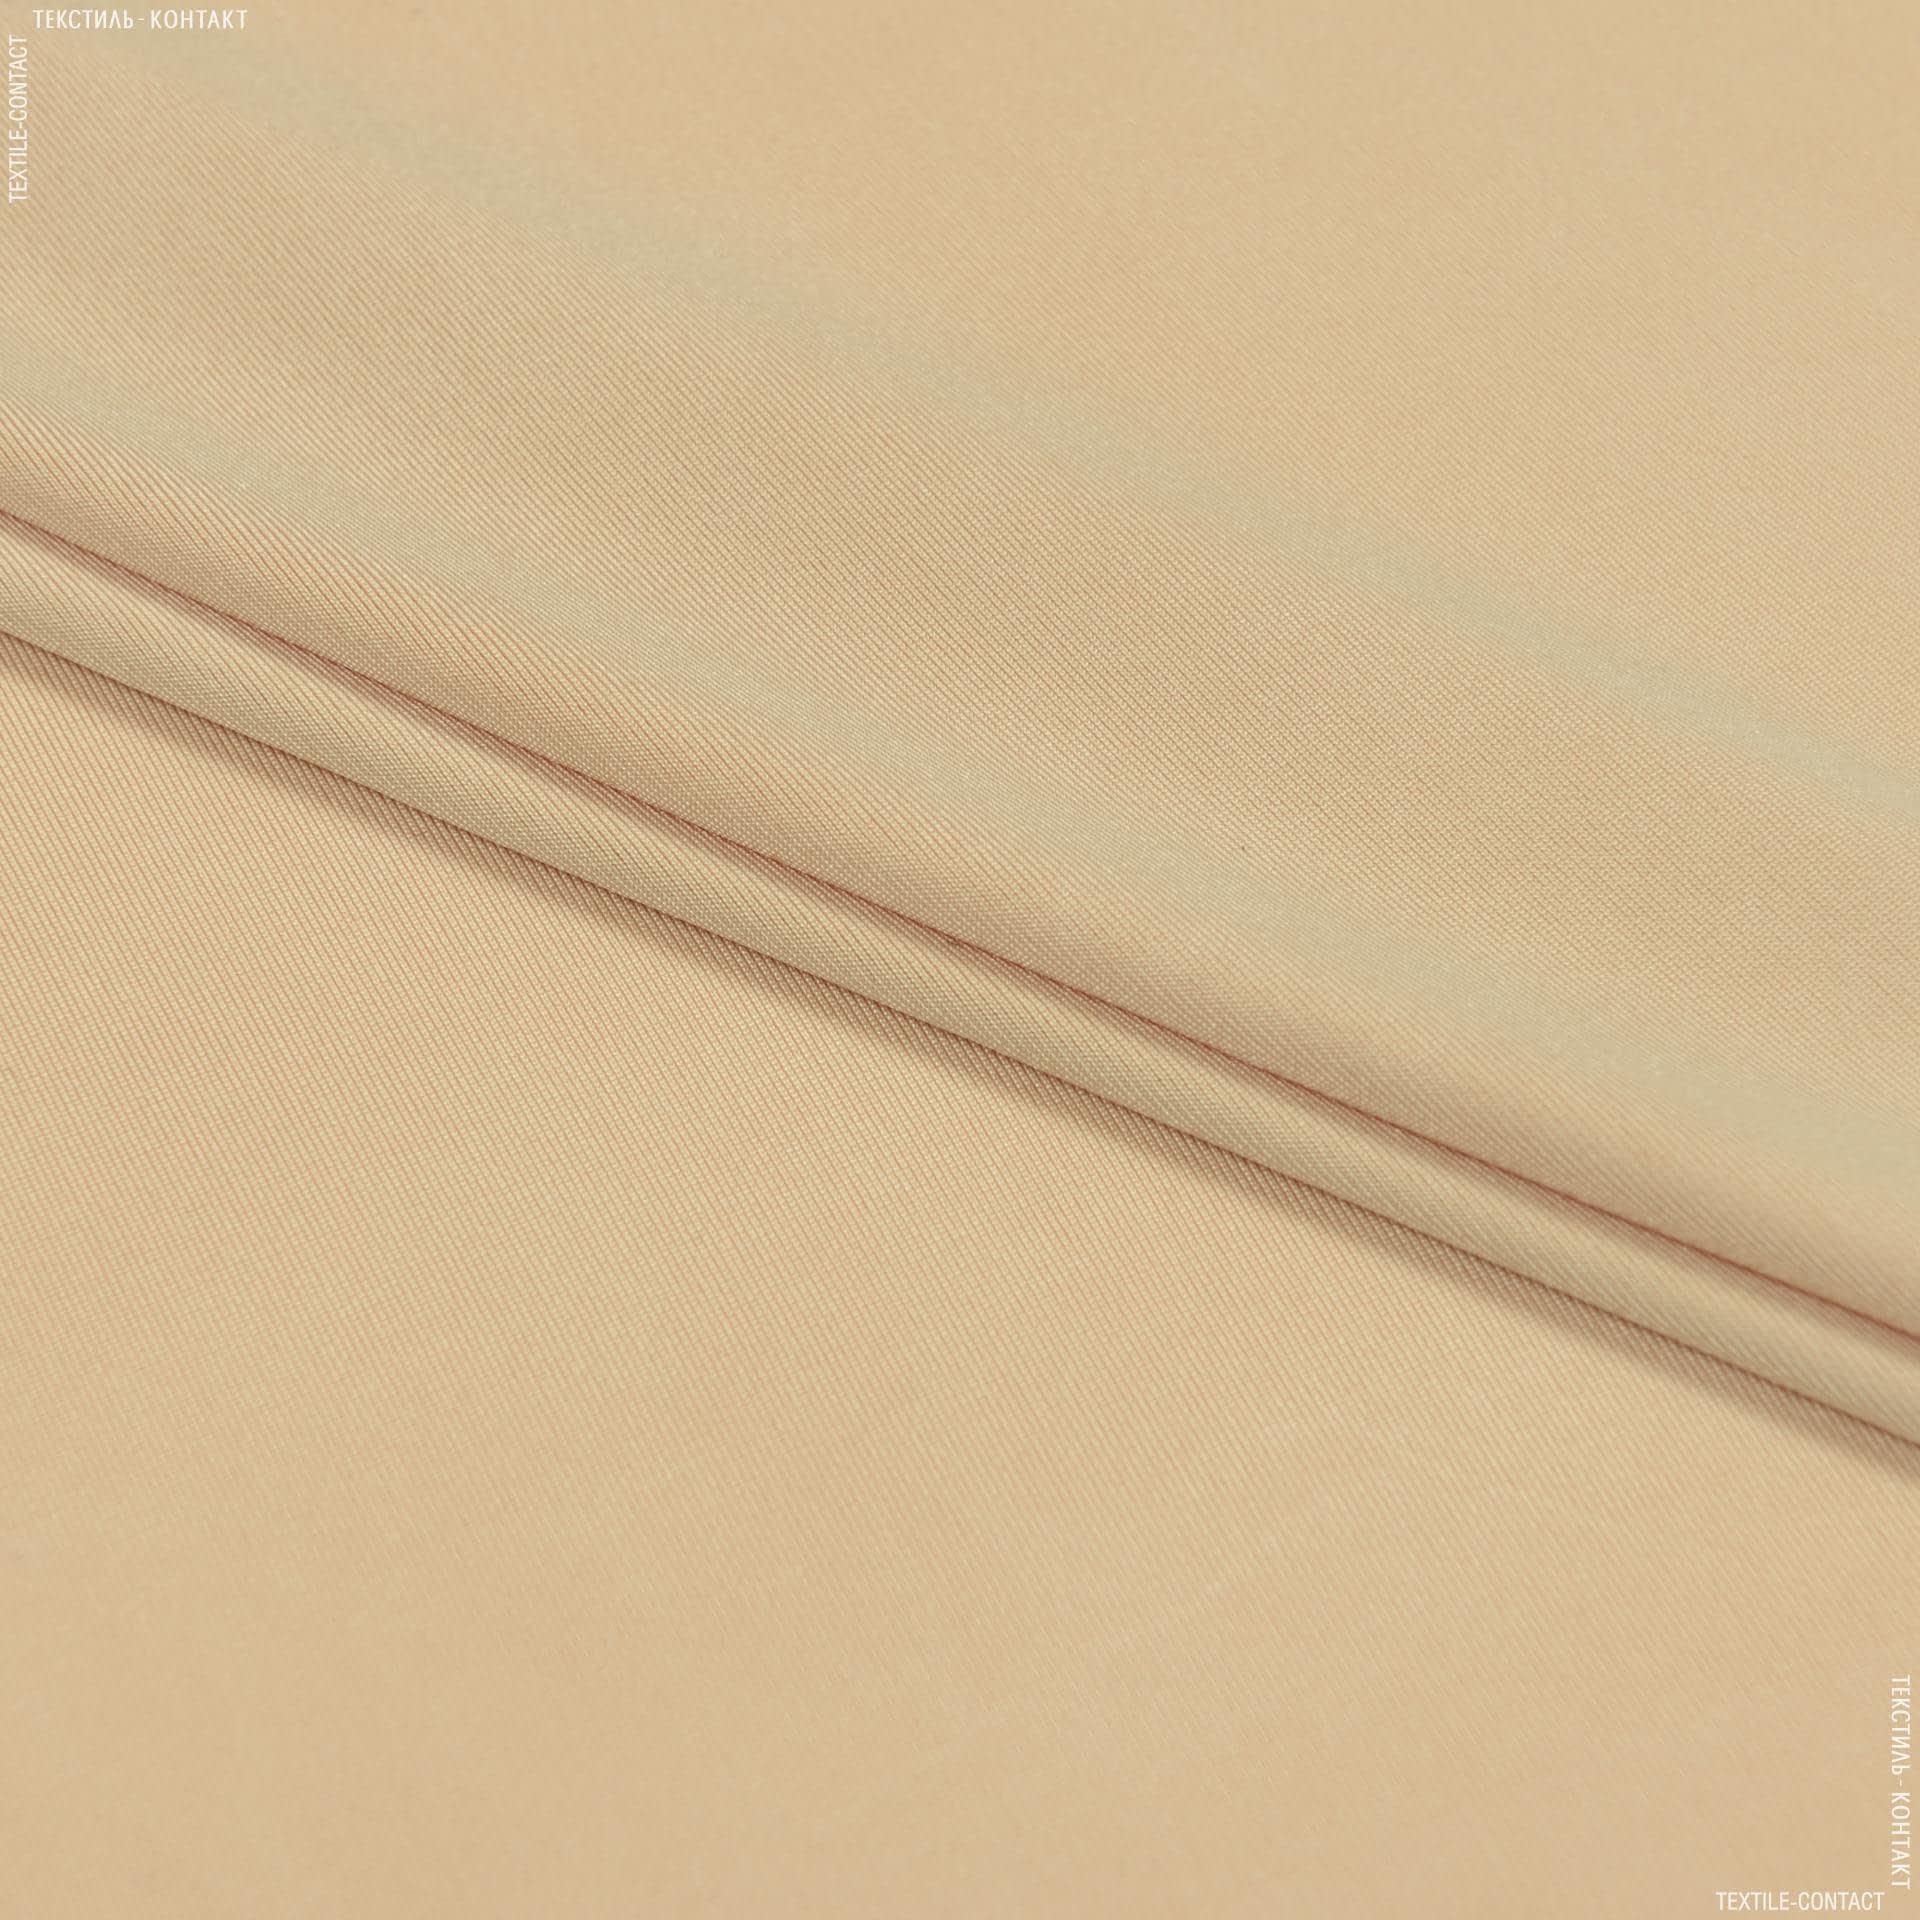 Тканини для спортивного одягу - Трикотаж мікромасло кремовий